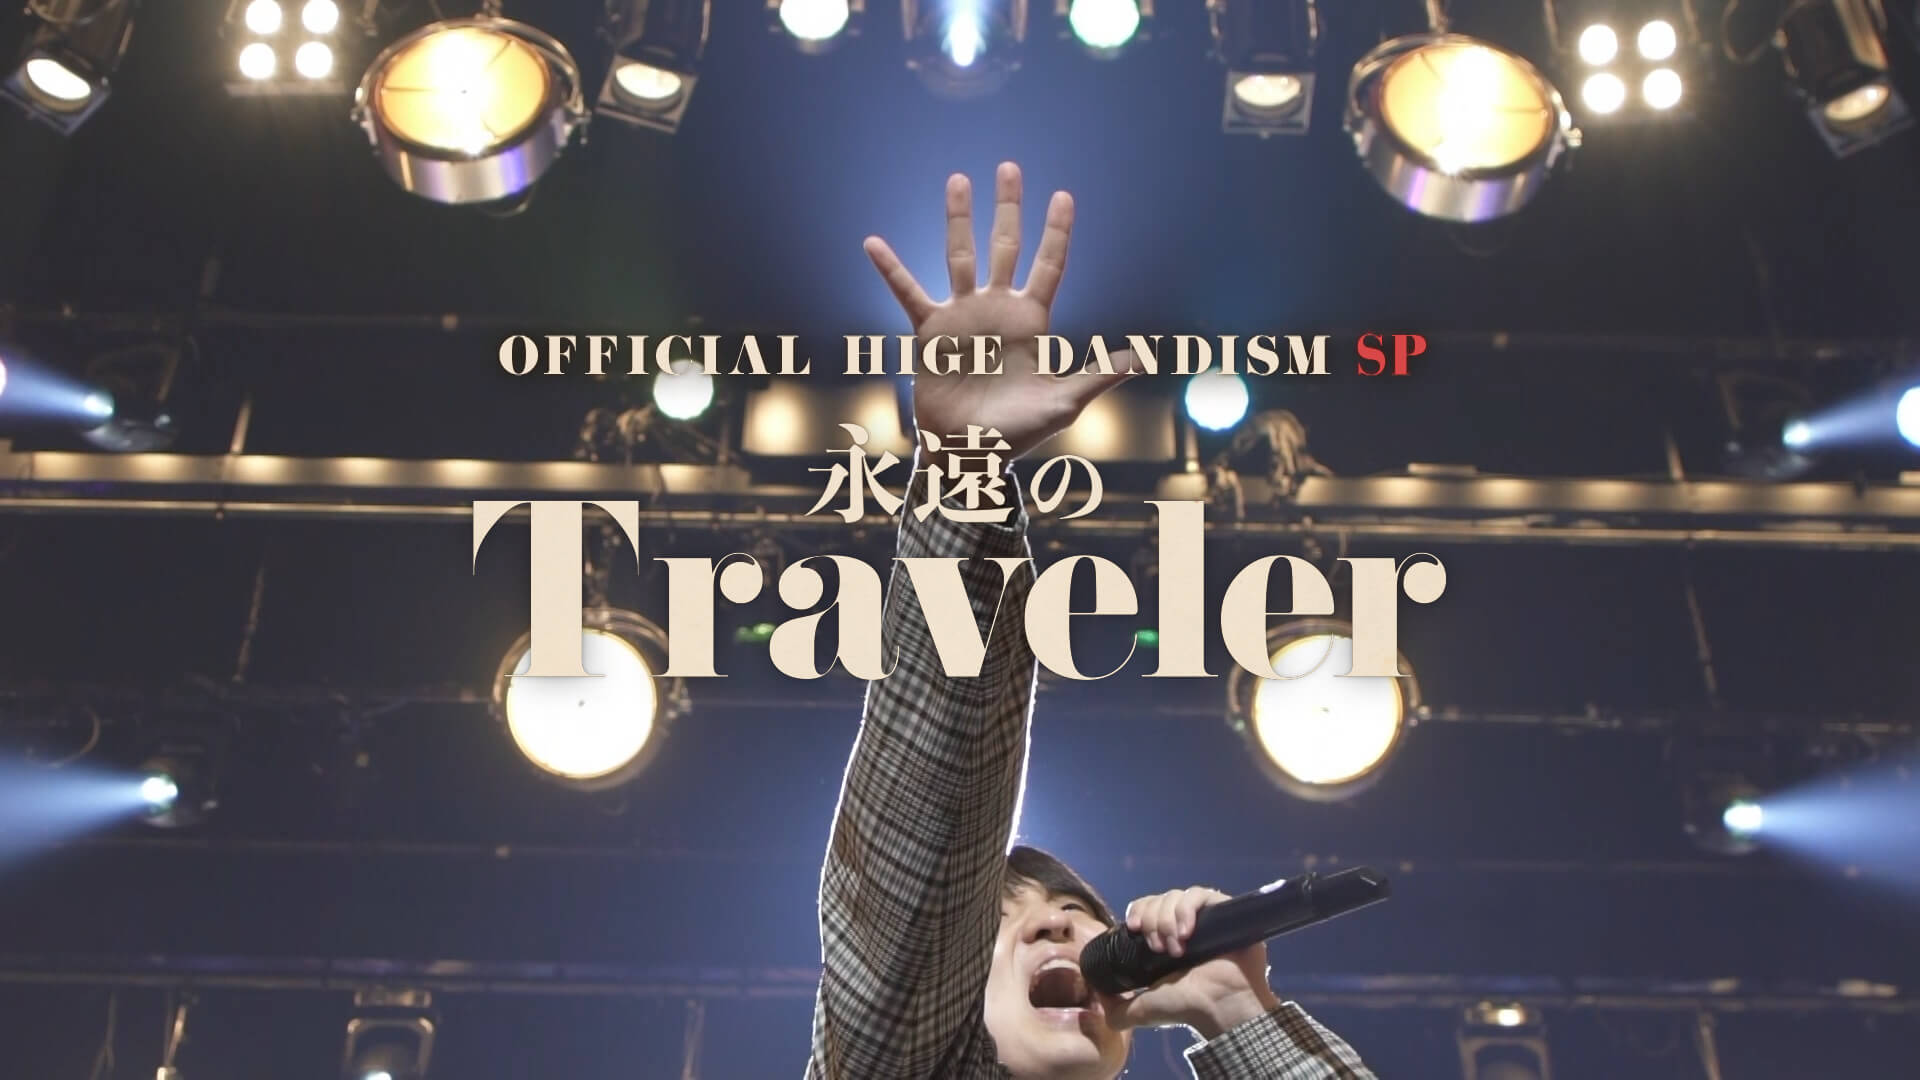 スキマスイッチとの対談も!Official髭男dism『Traveler』発売記念特別番組が全国オンエア決定 art191205_higedan_traveler_3